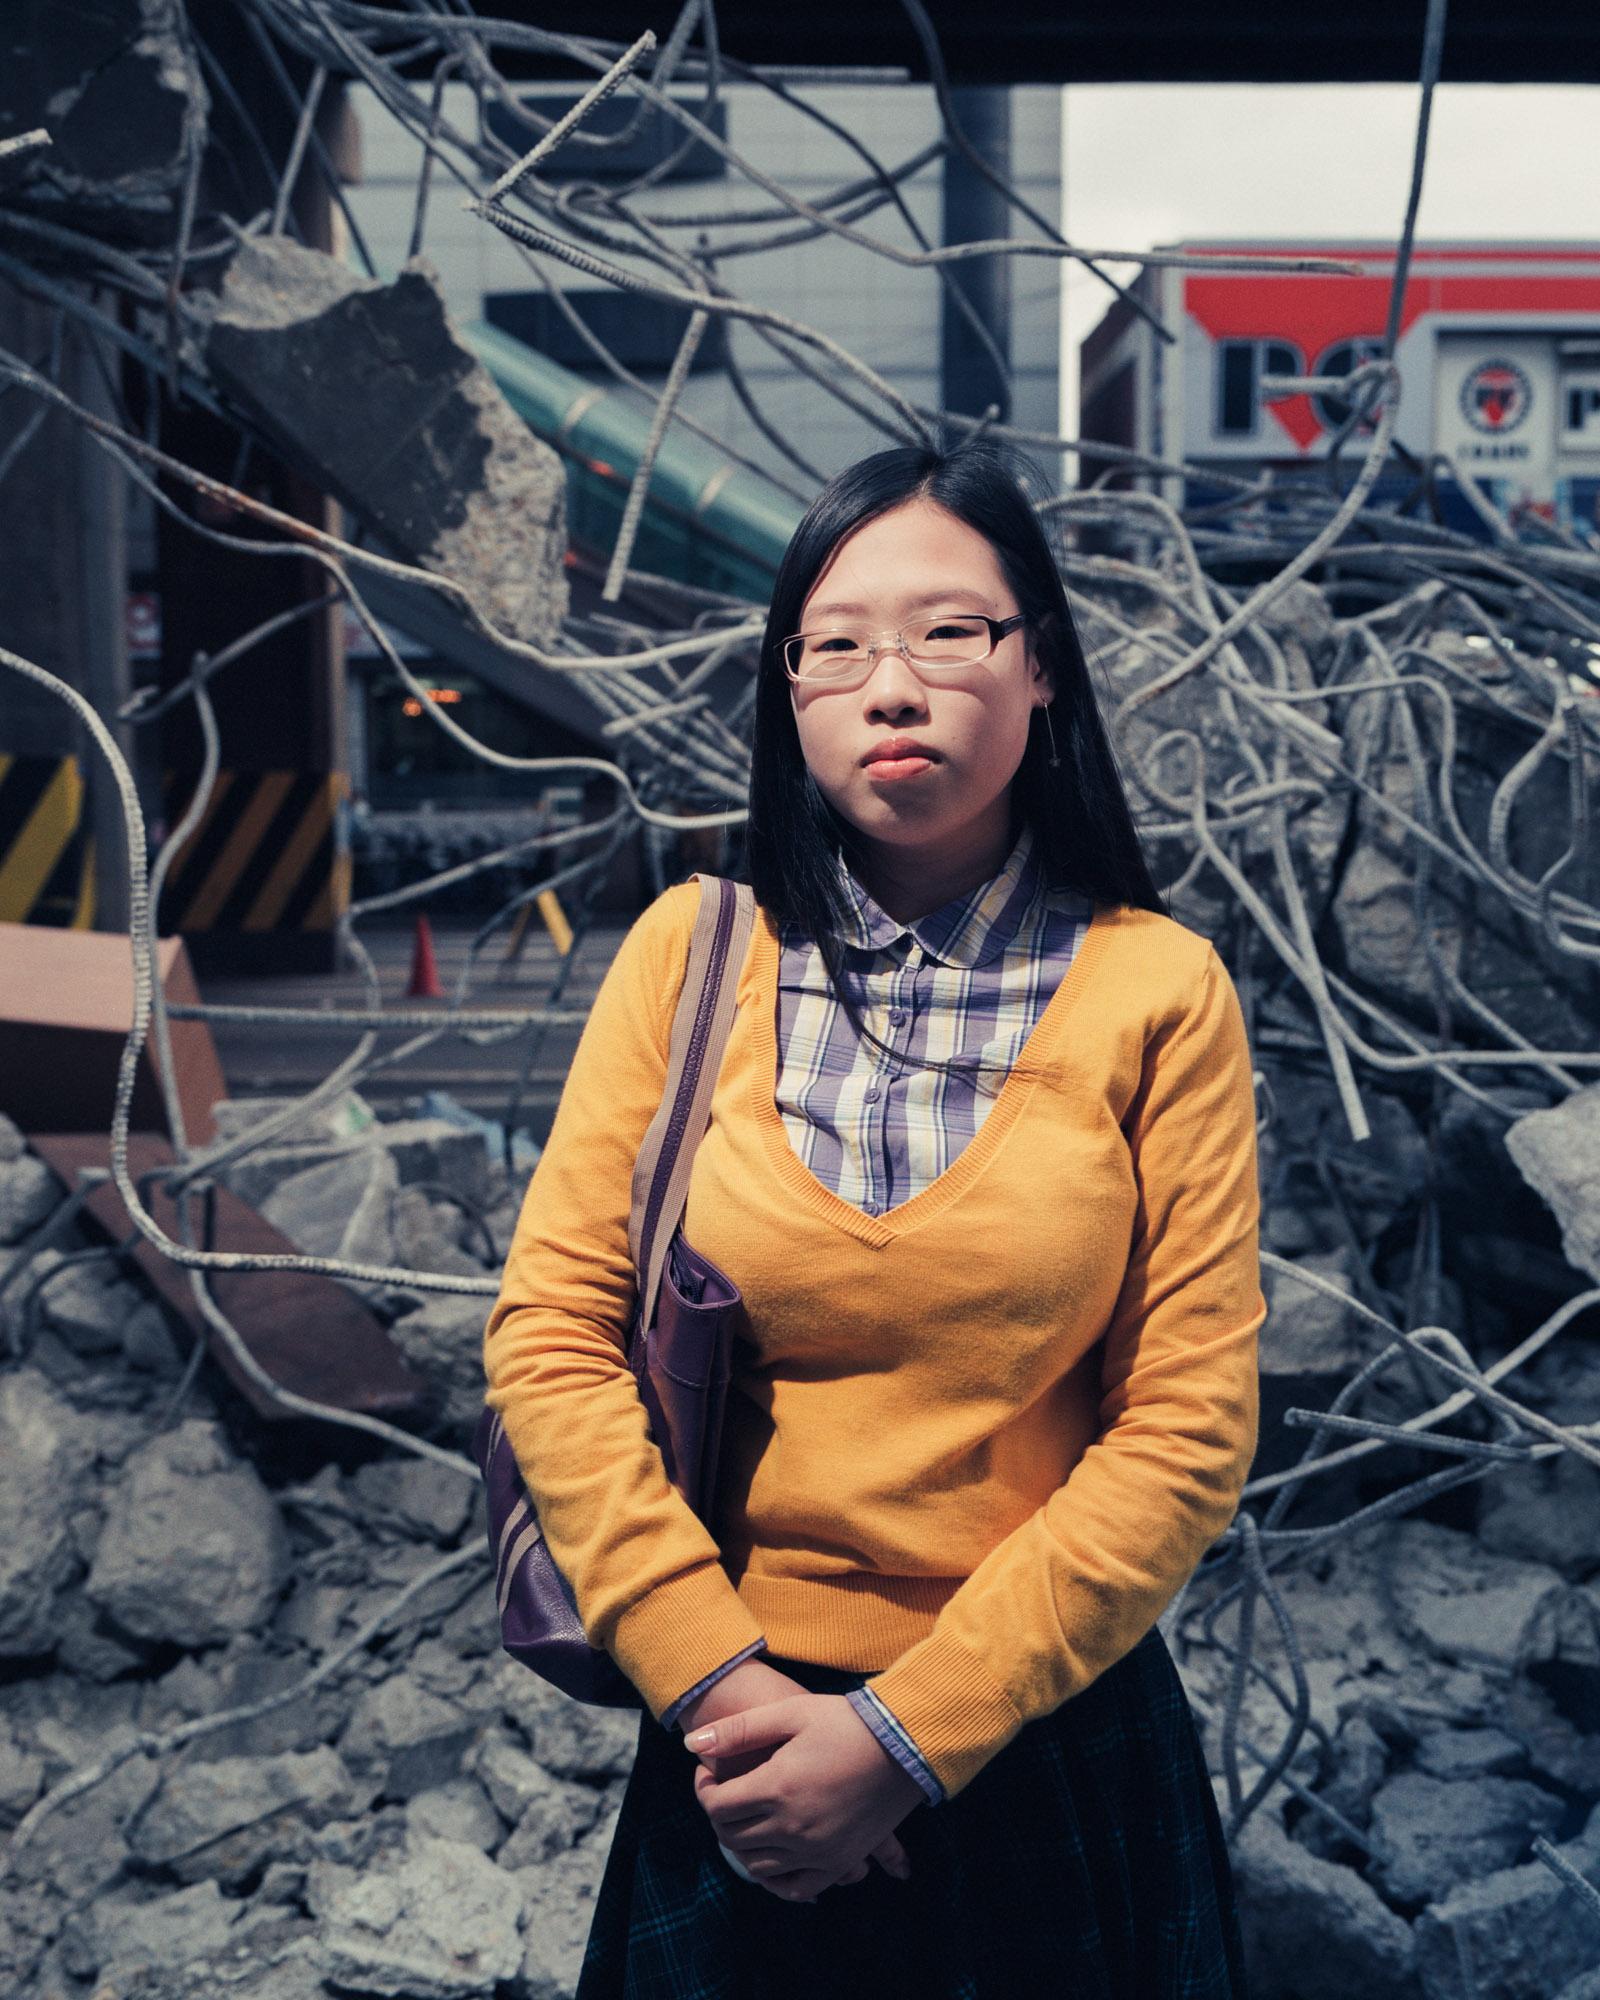 007-rubble 3 (1).jpg